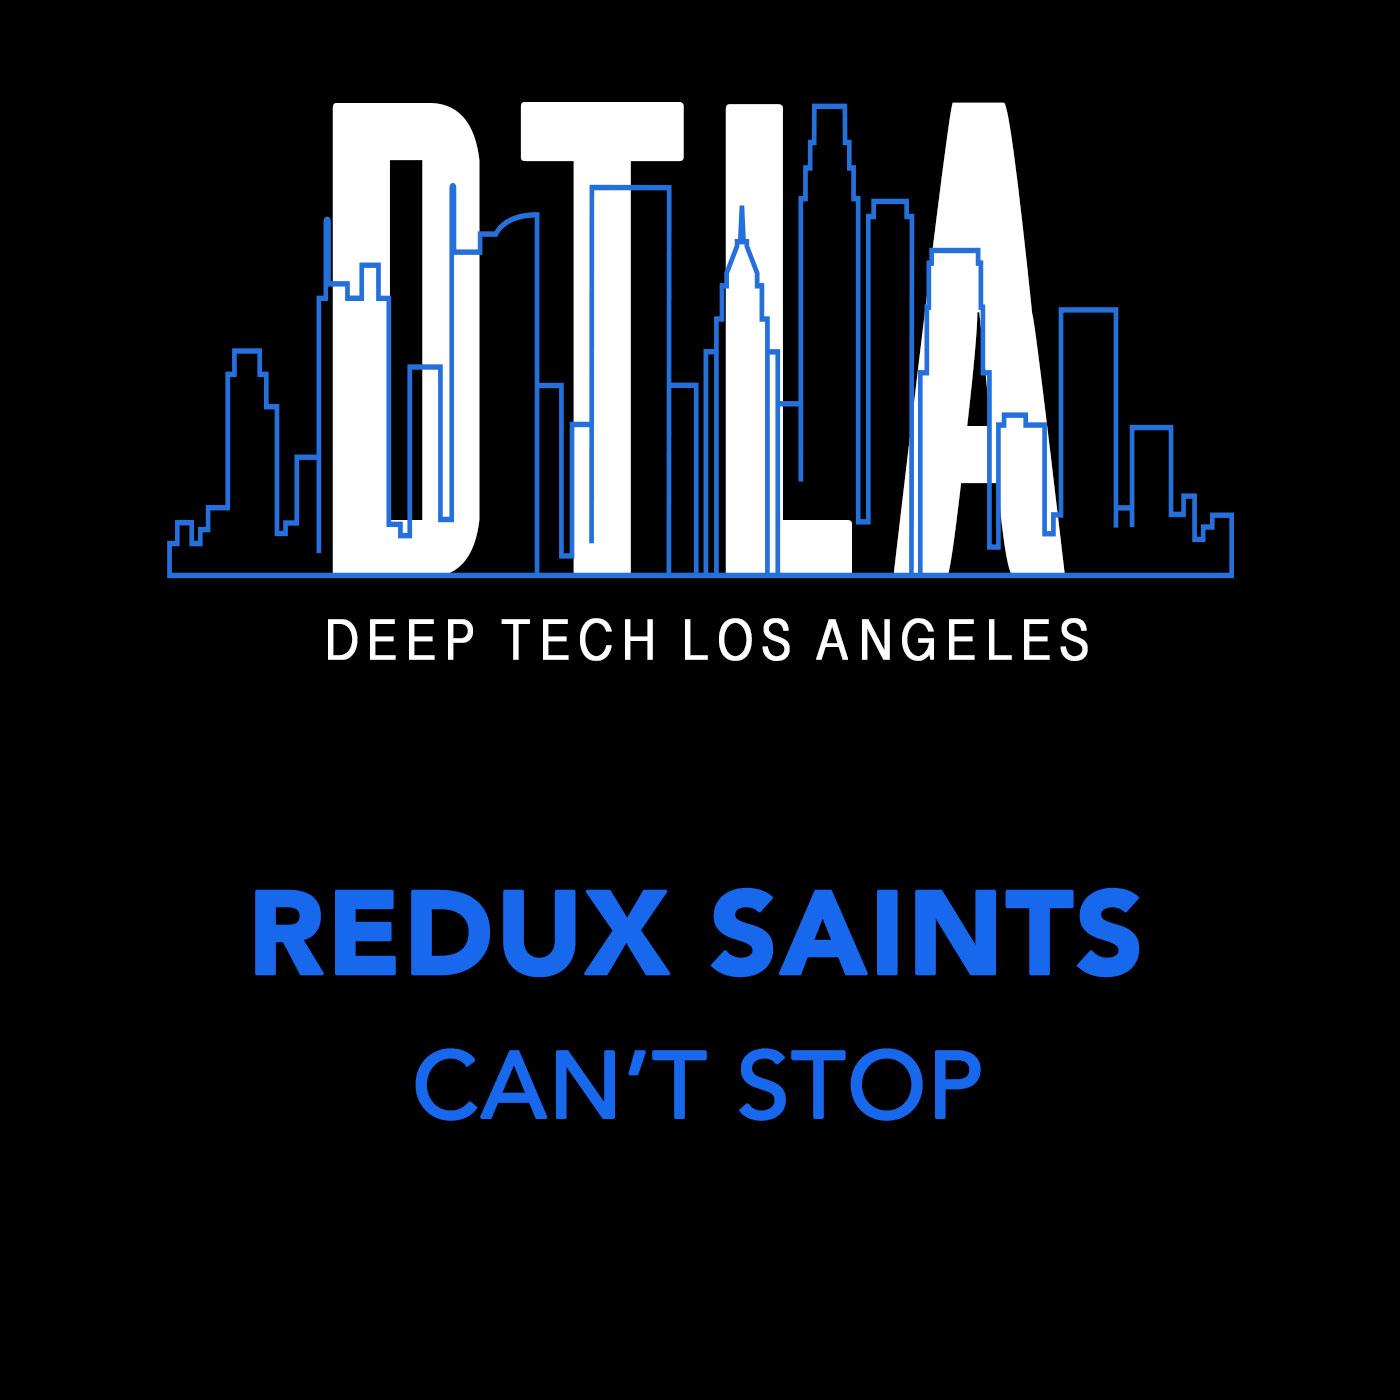 Redux-Saints---Can't-Stop-[Deep-Tech-Los-Angeles].jpg